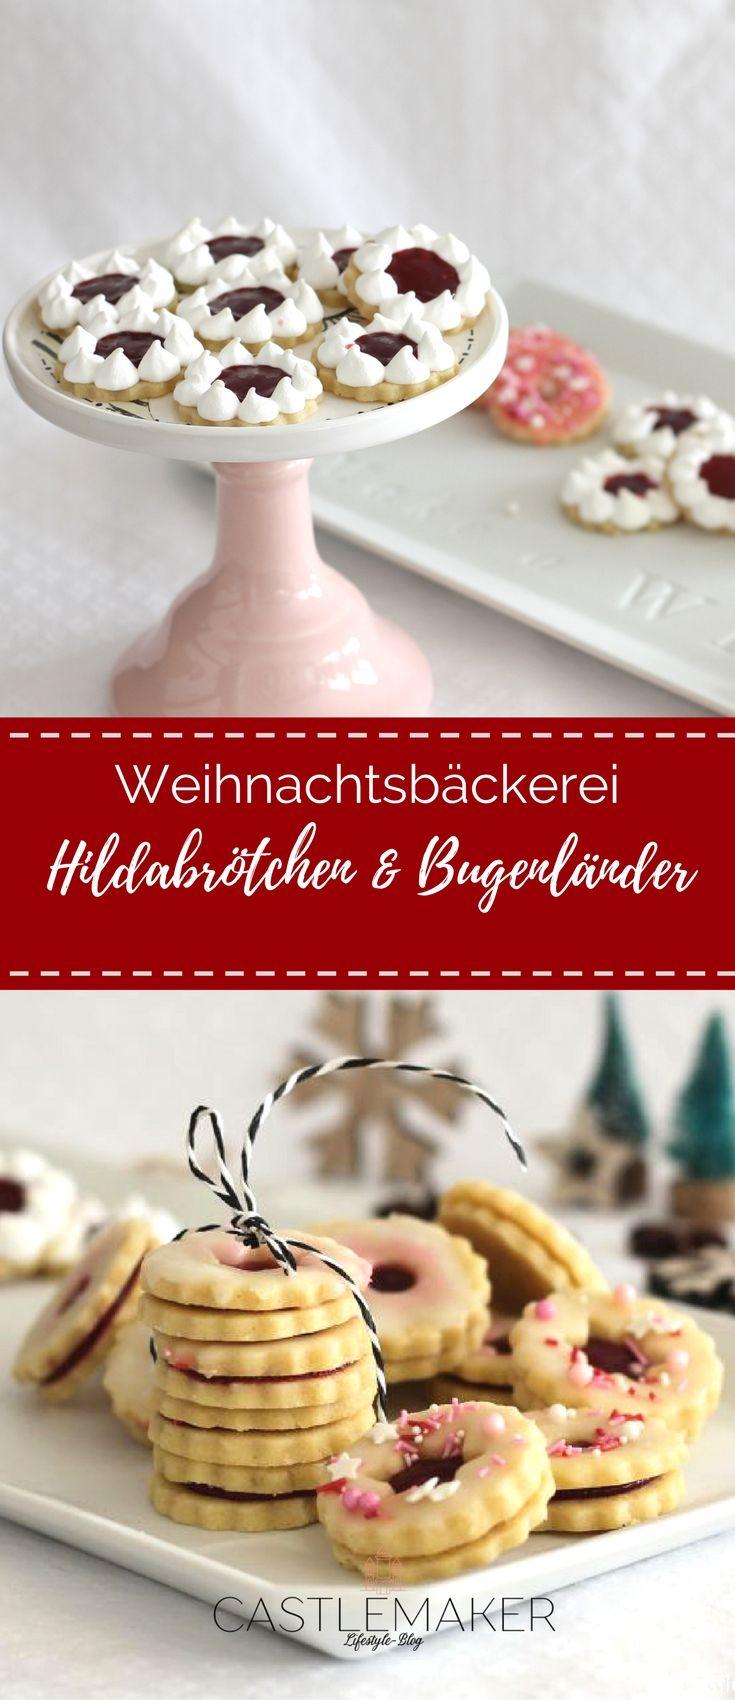 Hildabrötchen mit Kirsch-Marzipan-Füllung und Burgenländer mit Himbeerfüllung